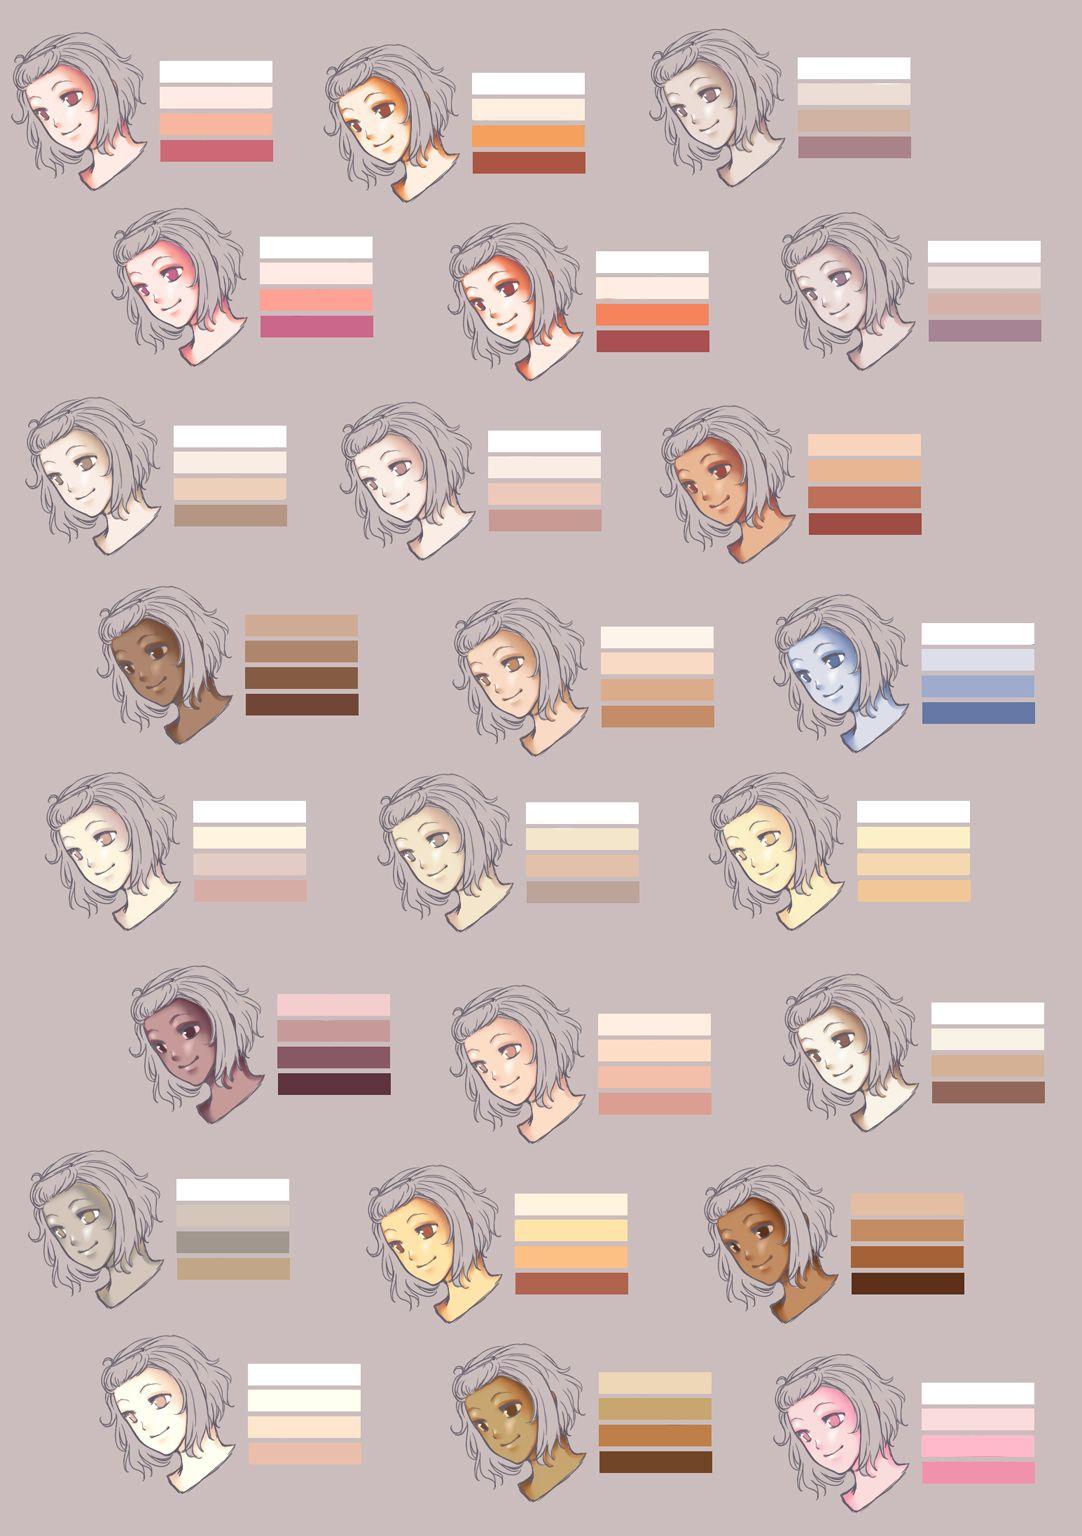 skin_colour_palette_by_ruemed337ggs.jpg 1,082×1,536